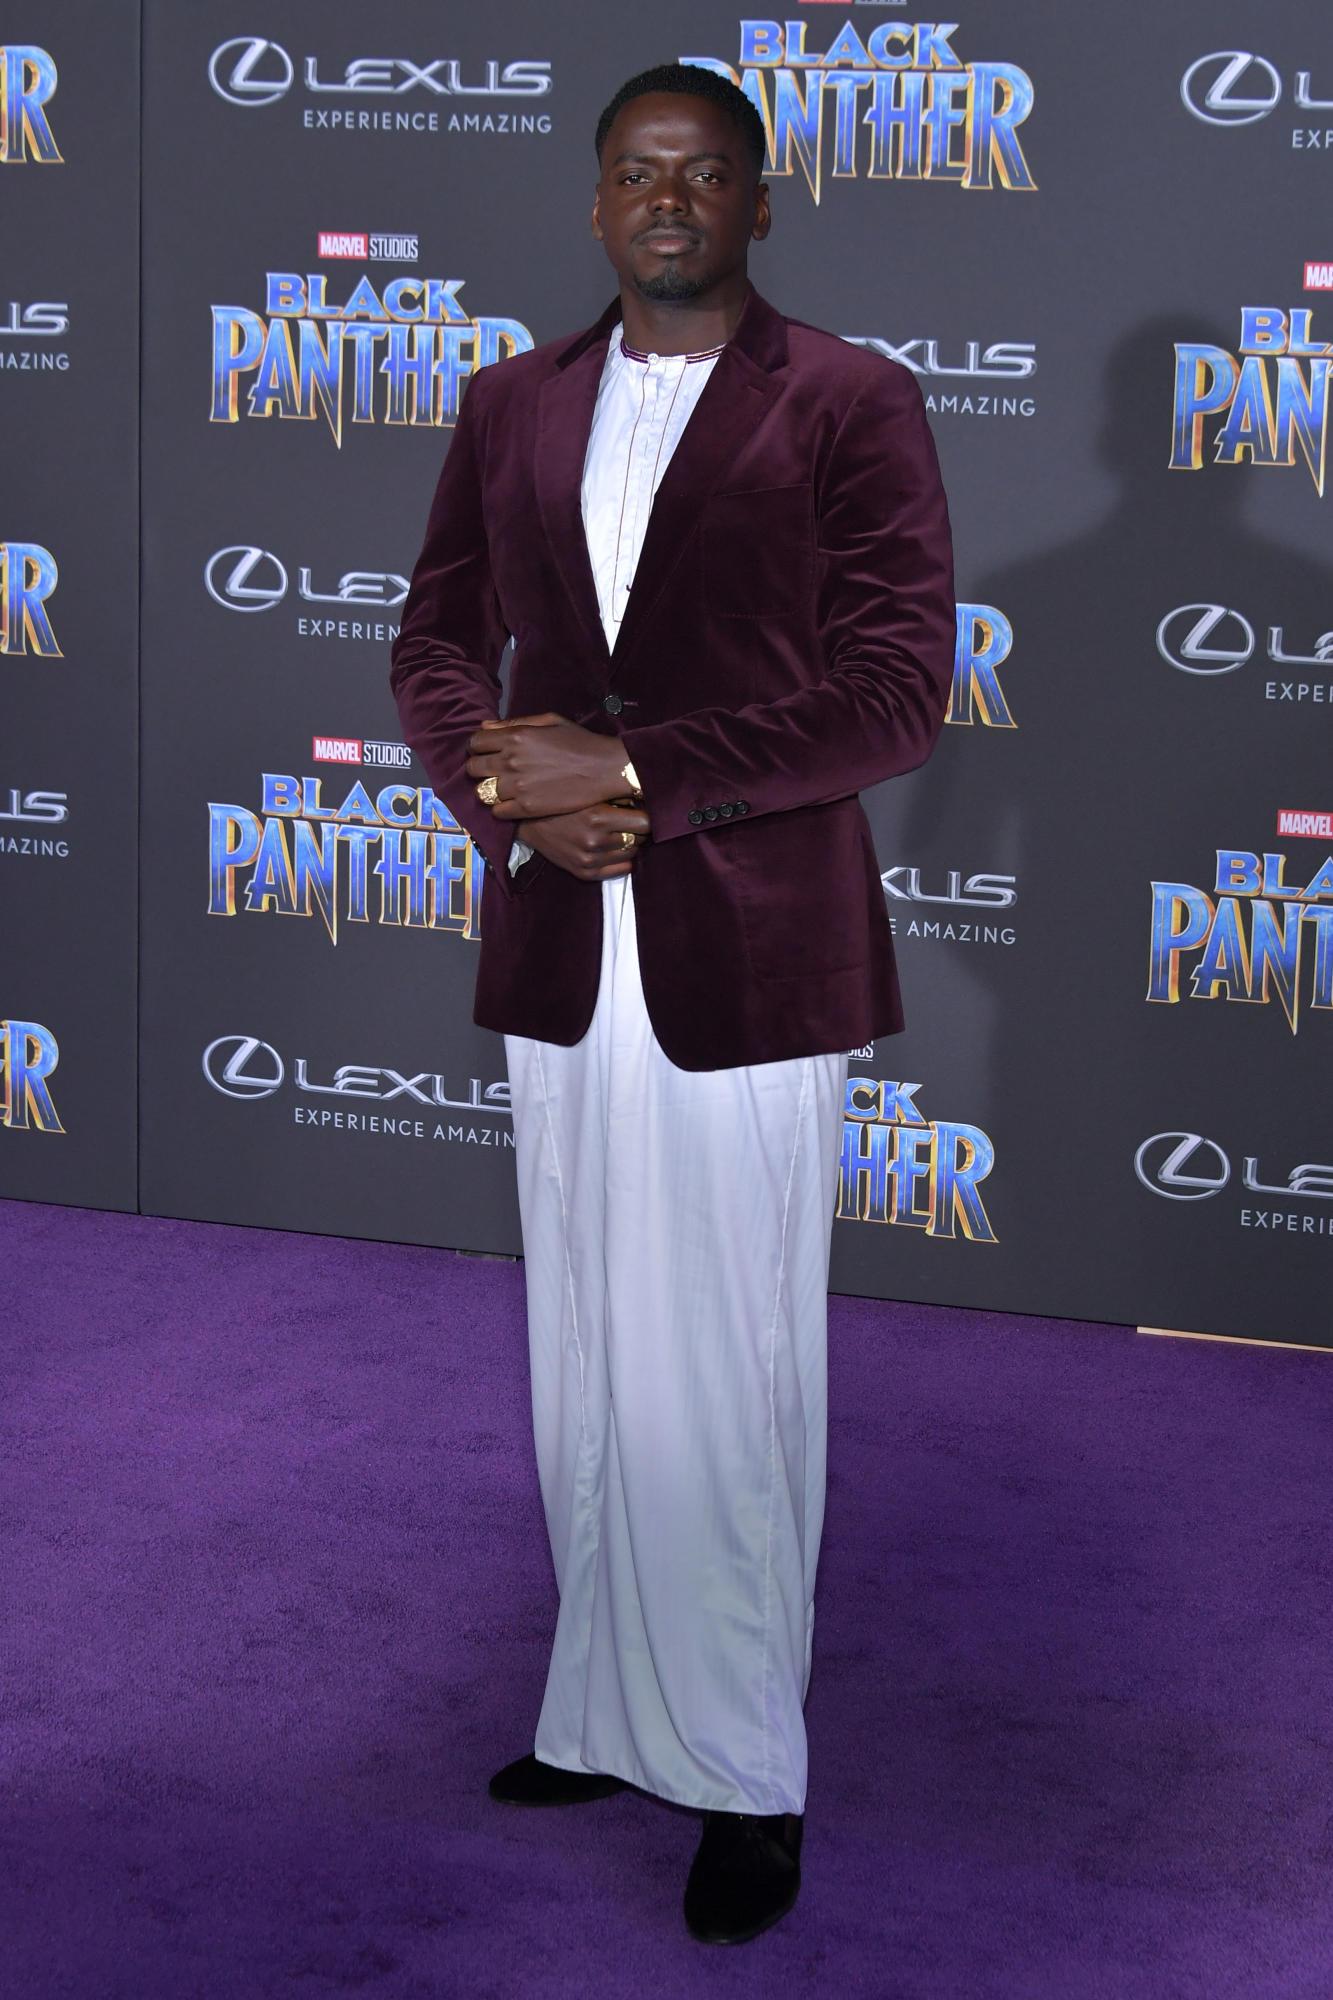 """Sao Black Panther trang phục """"quý tộc"""" tại buổi công chiếu phim 6"""